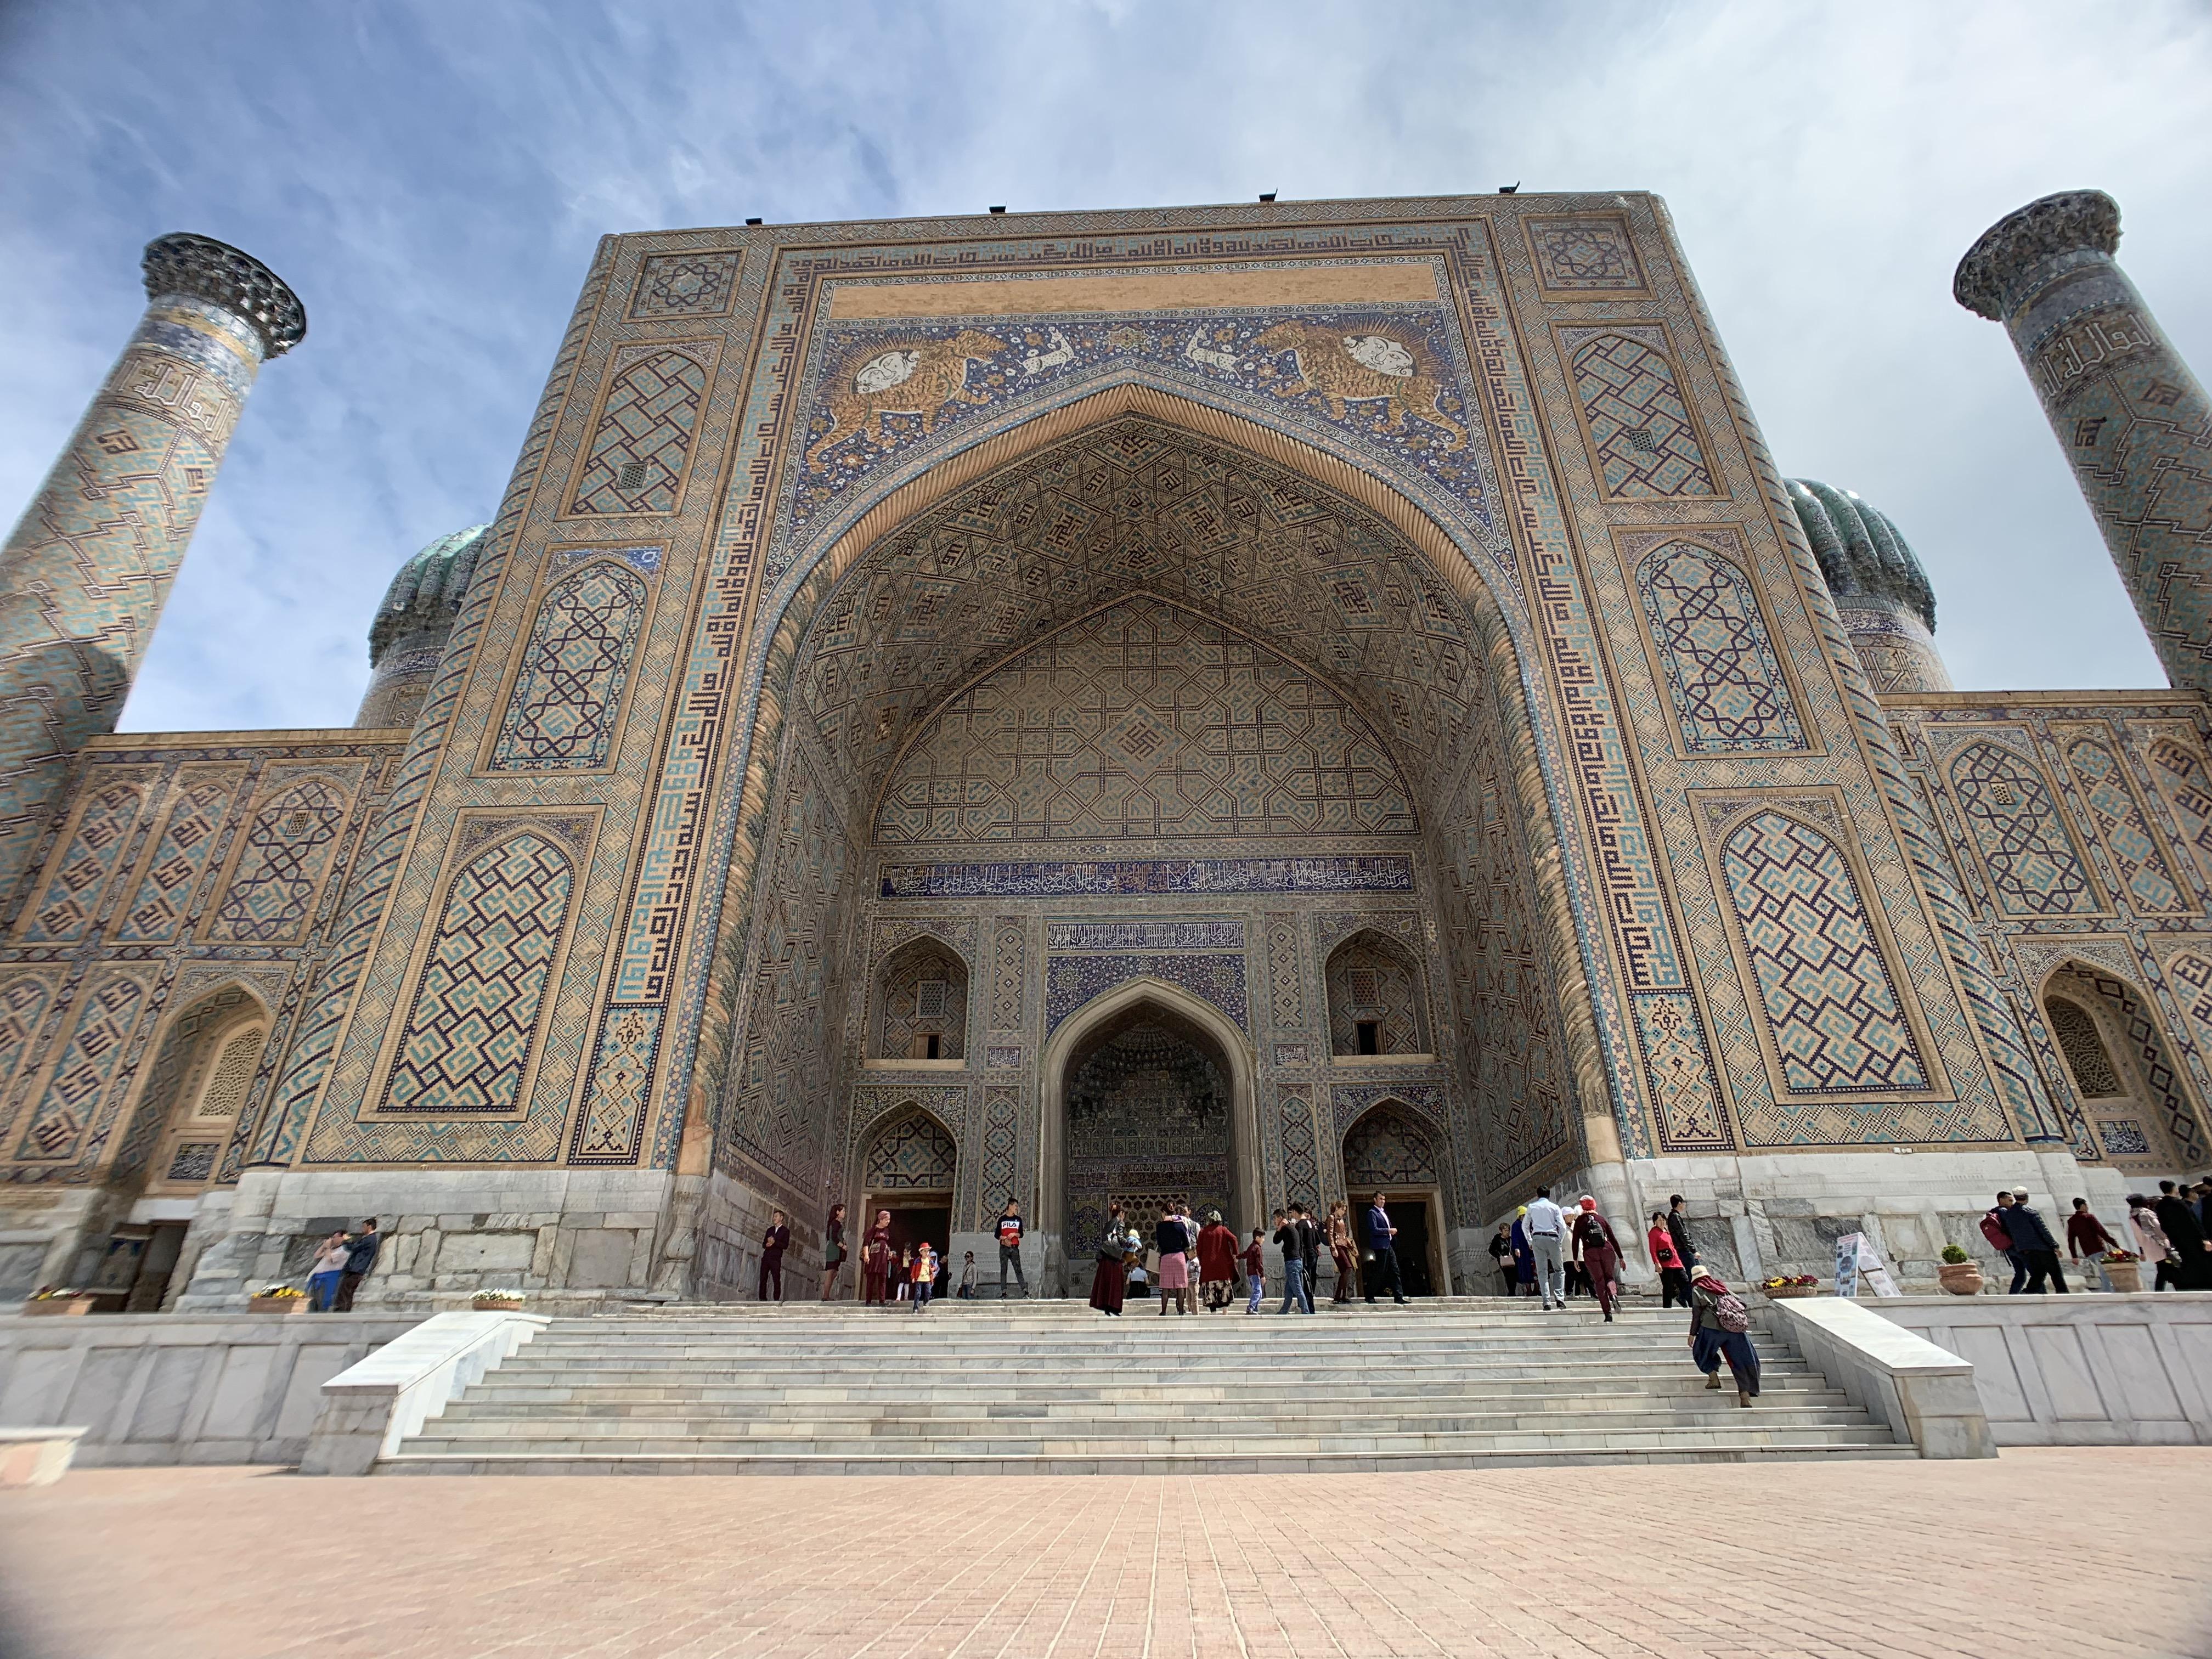 Дилерская конференция авторемонтного бизнес-направления прошла в Ташкенте